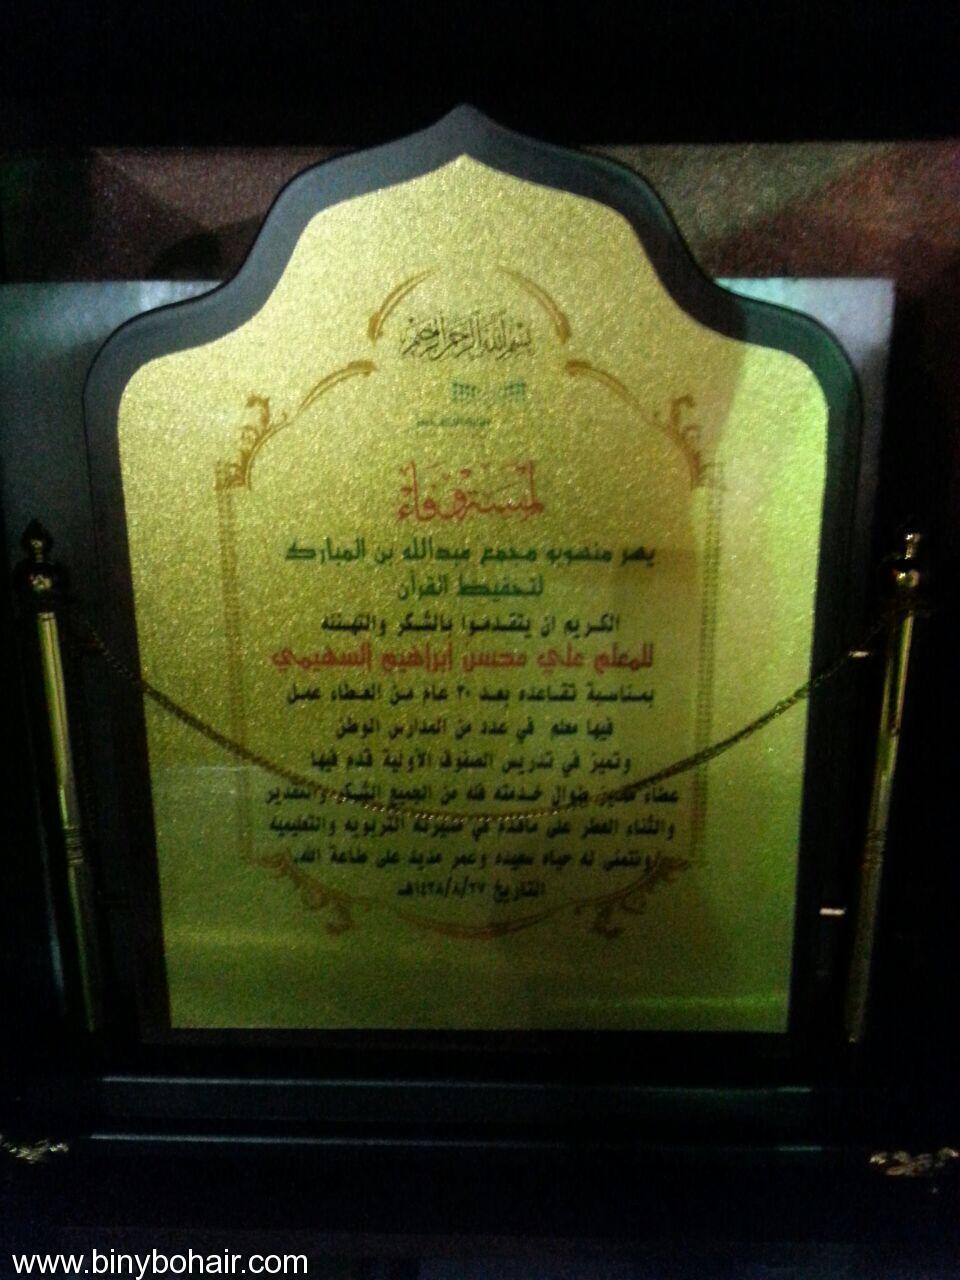 بالصور تحفيظ القرأن الكريم بالمعقص 8e772431.jpg